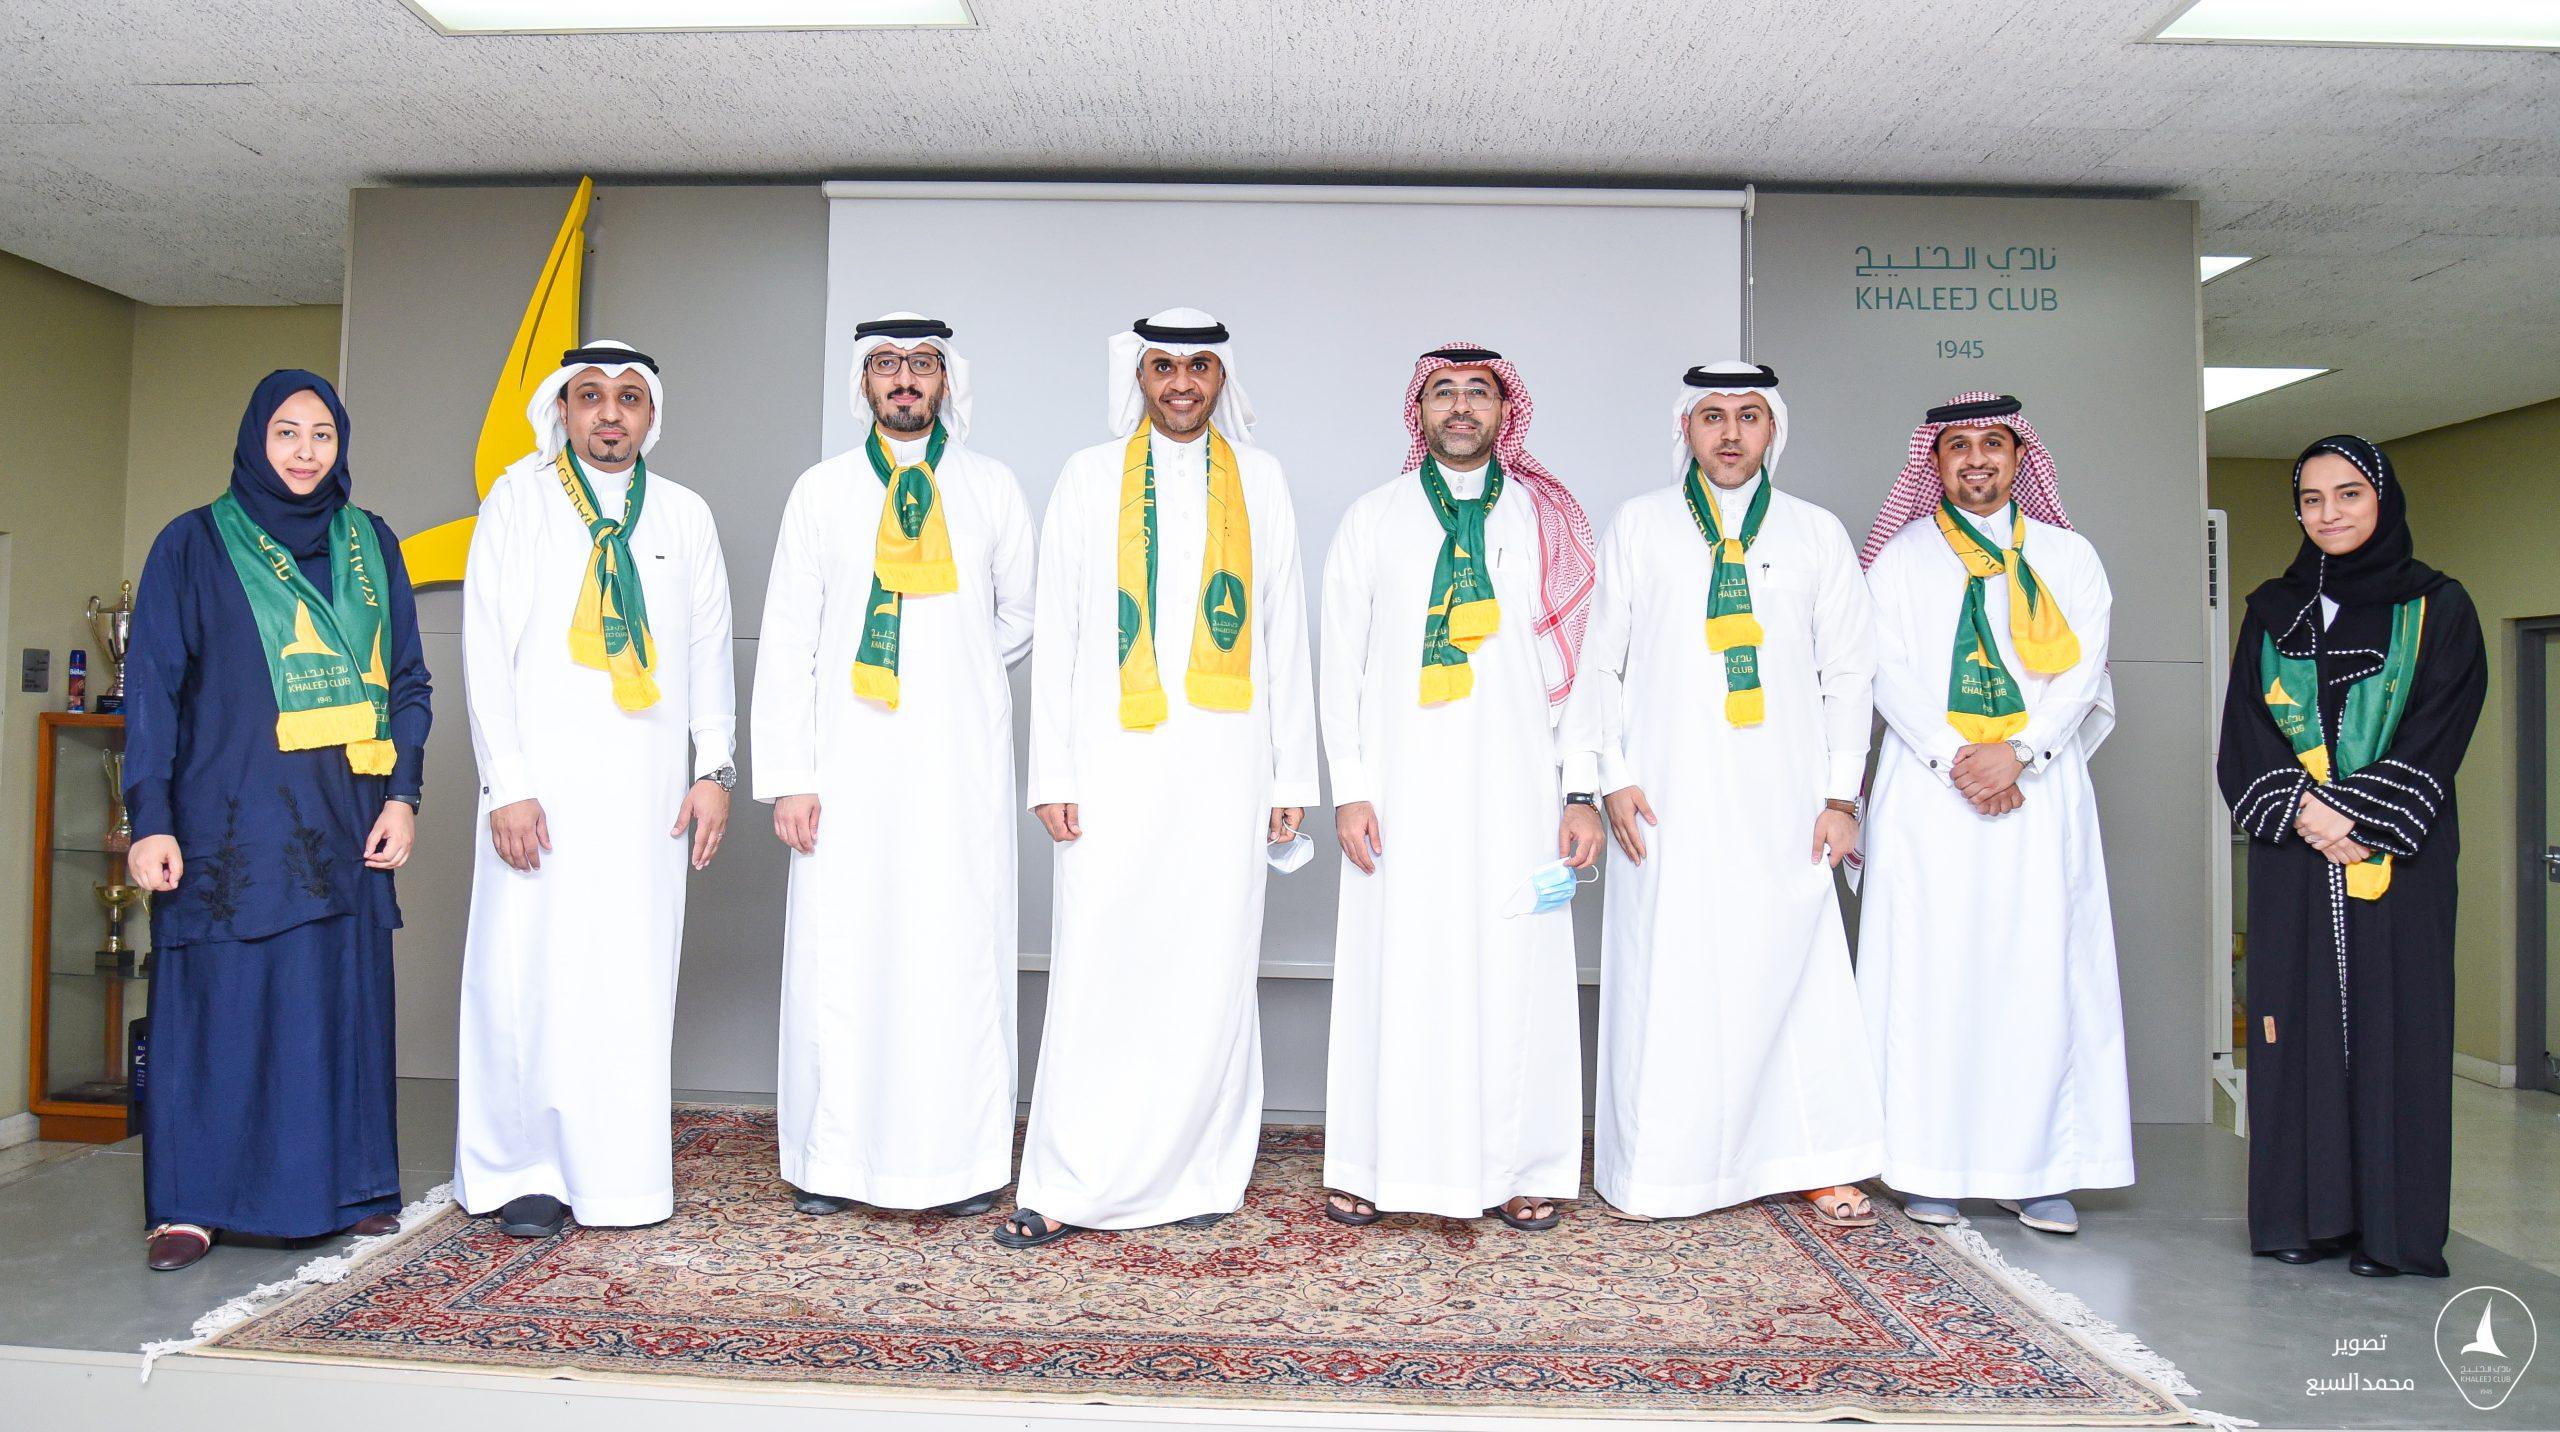 🔰 الجمعية العمومية بـ #نادي_الخليج تزكي المهندس علاء الهمل رئيسًا للنادي لأربع سنـوات